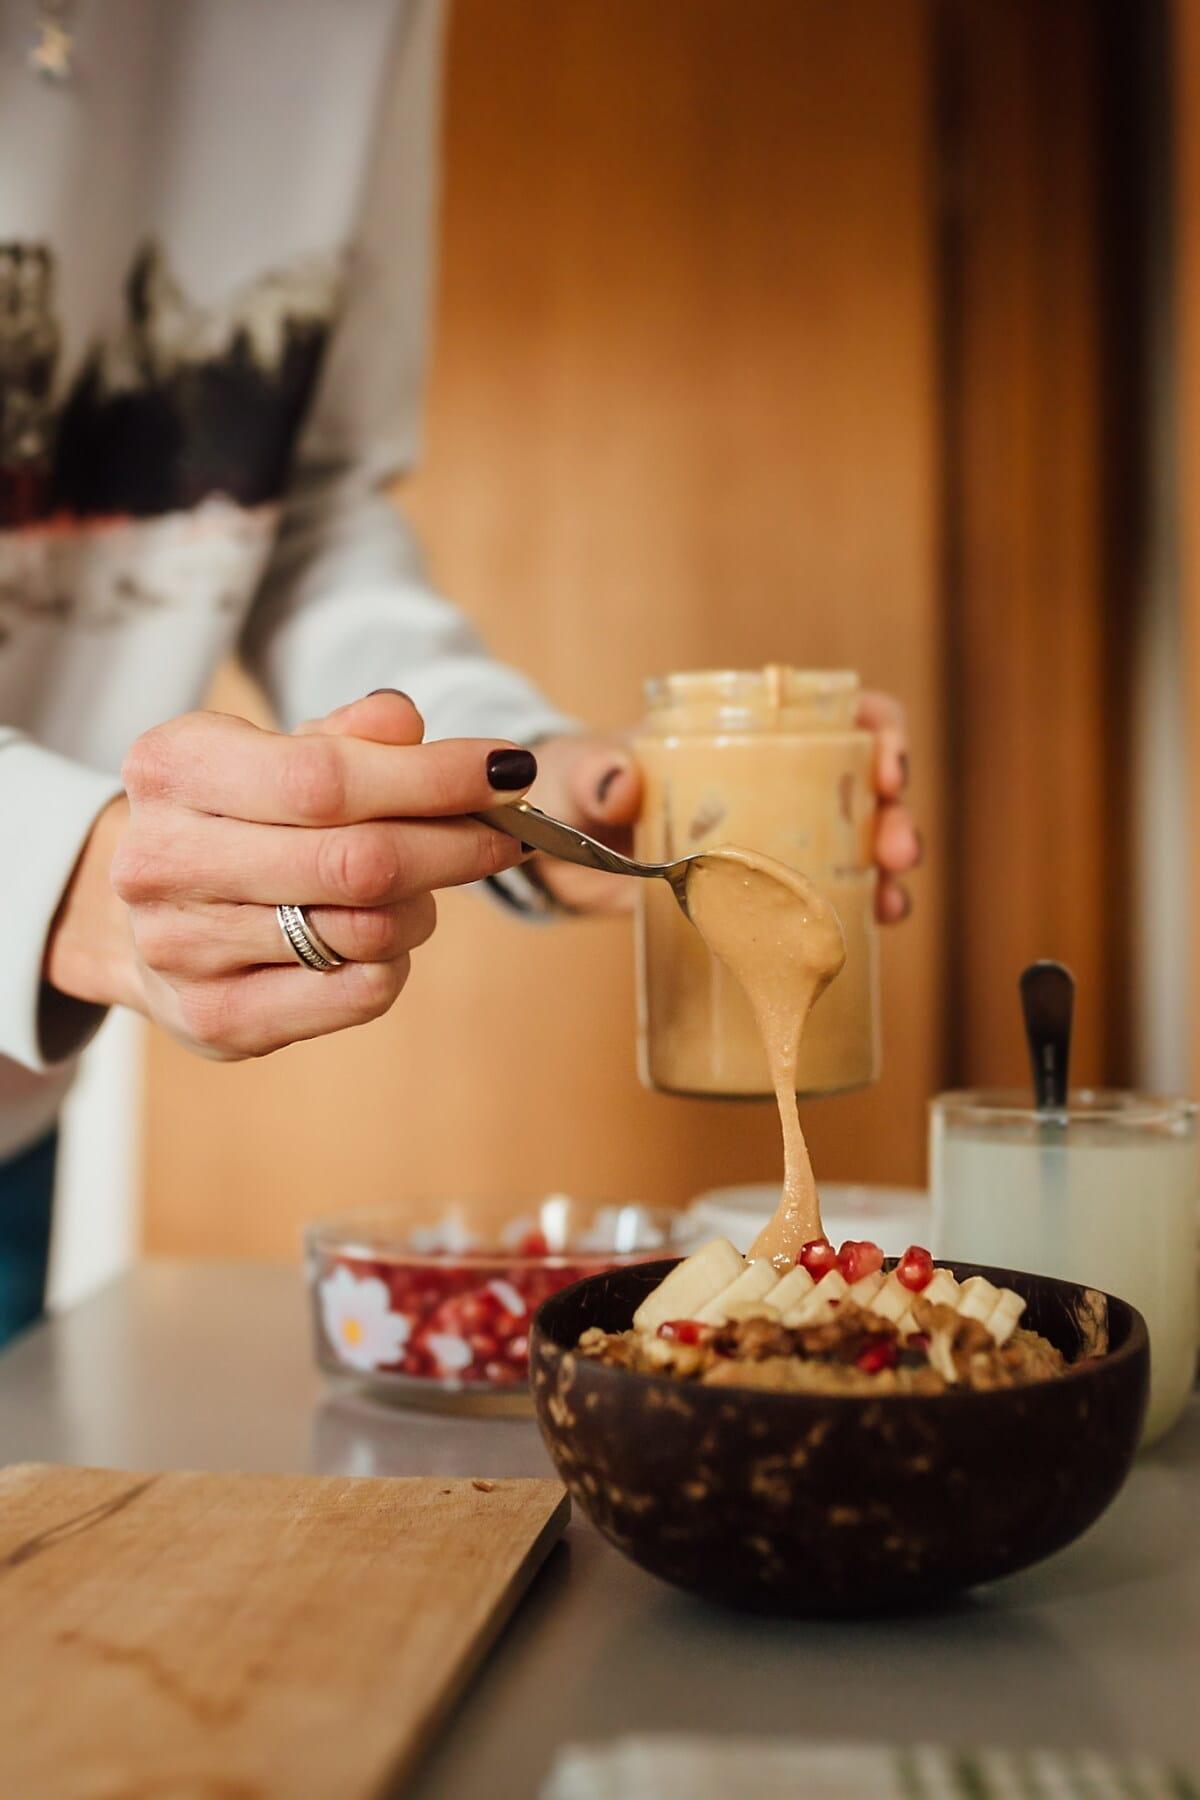 pot, alimentaire, main, cuillère, cuisine, table de cuisine, cuisine, en bonne santé, le petit déjeuner, bois